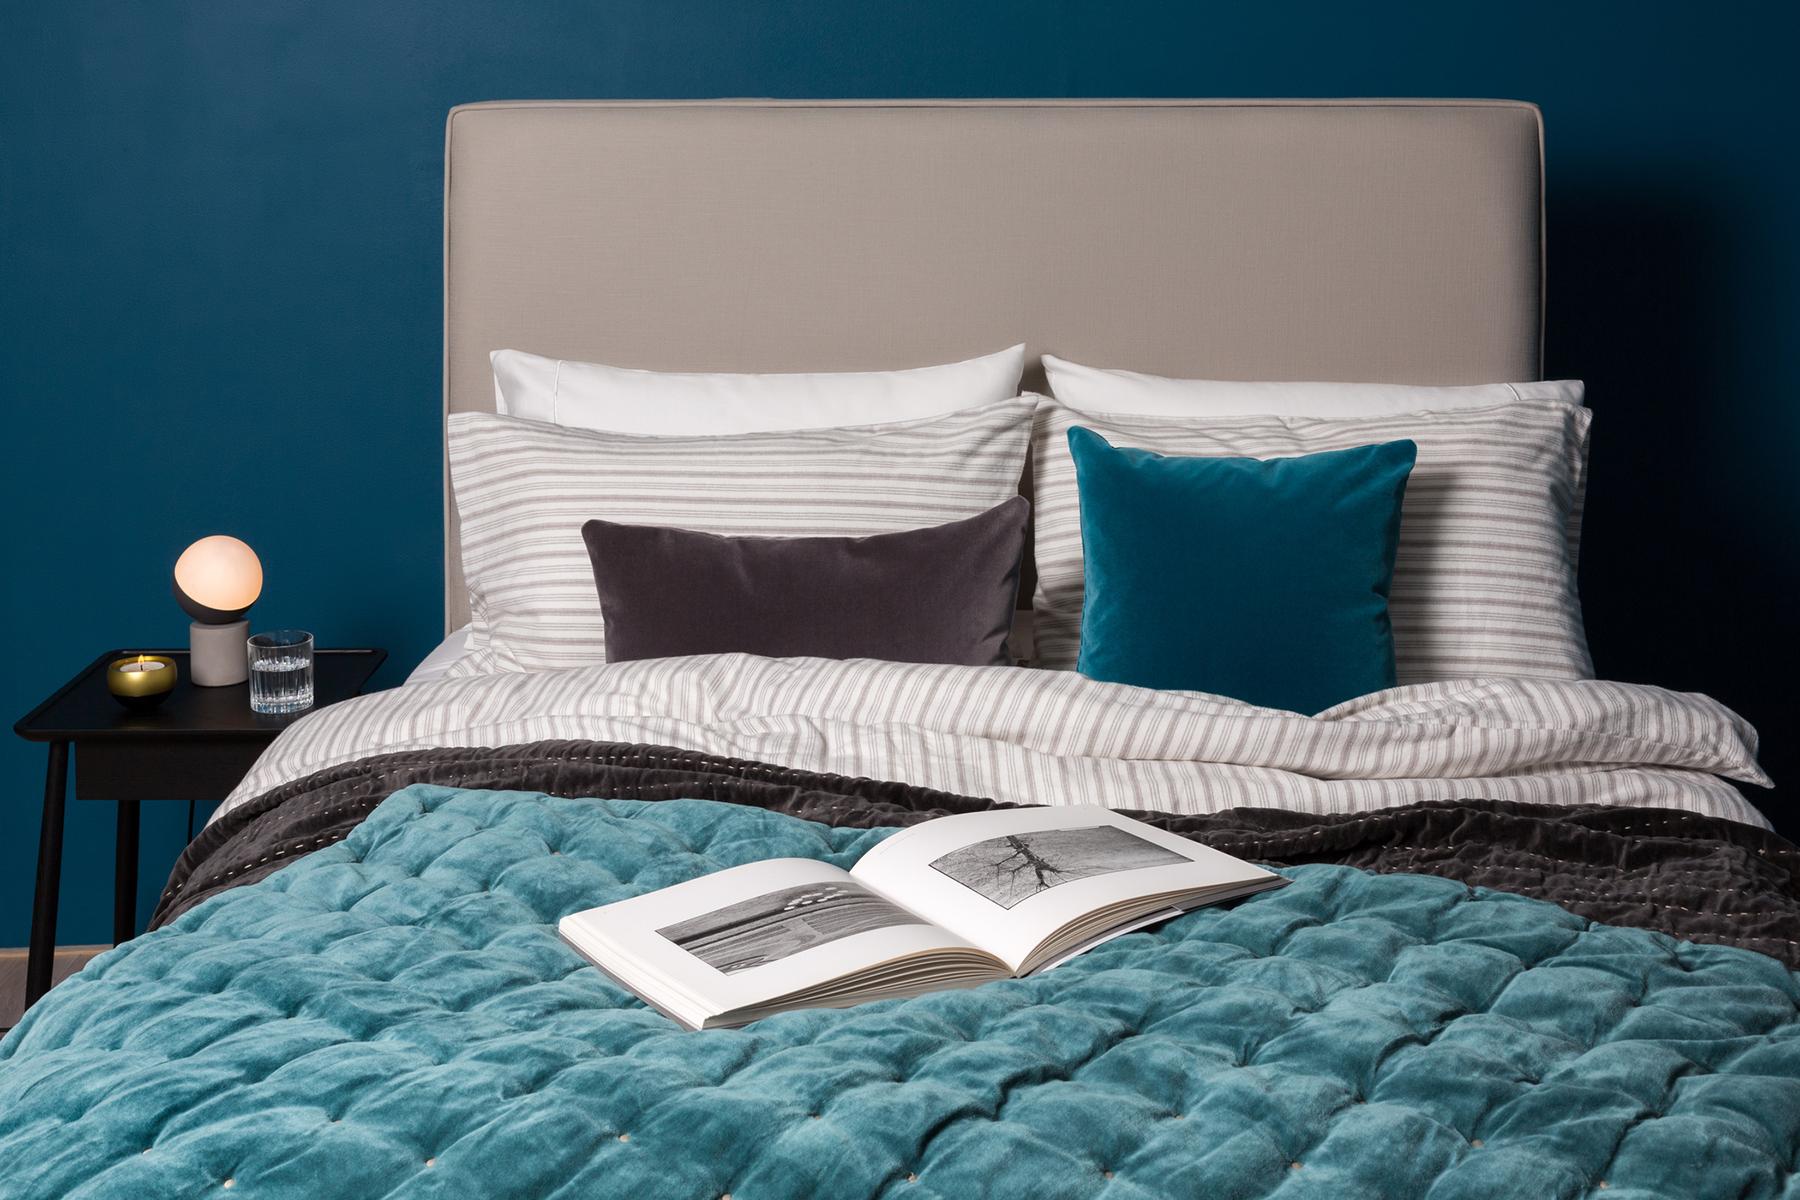 teal-bedspread-heals